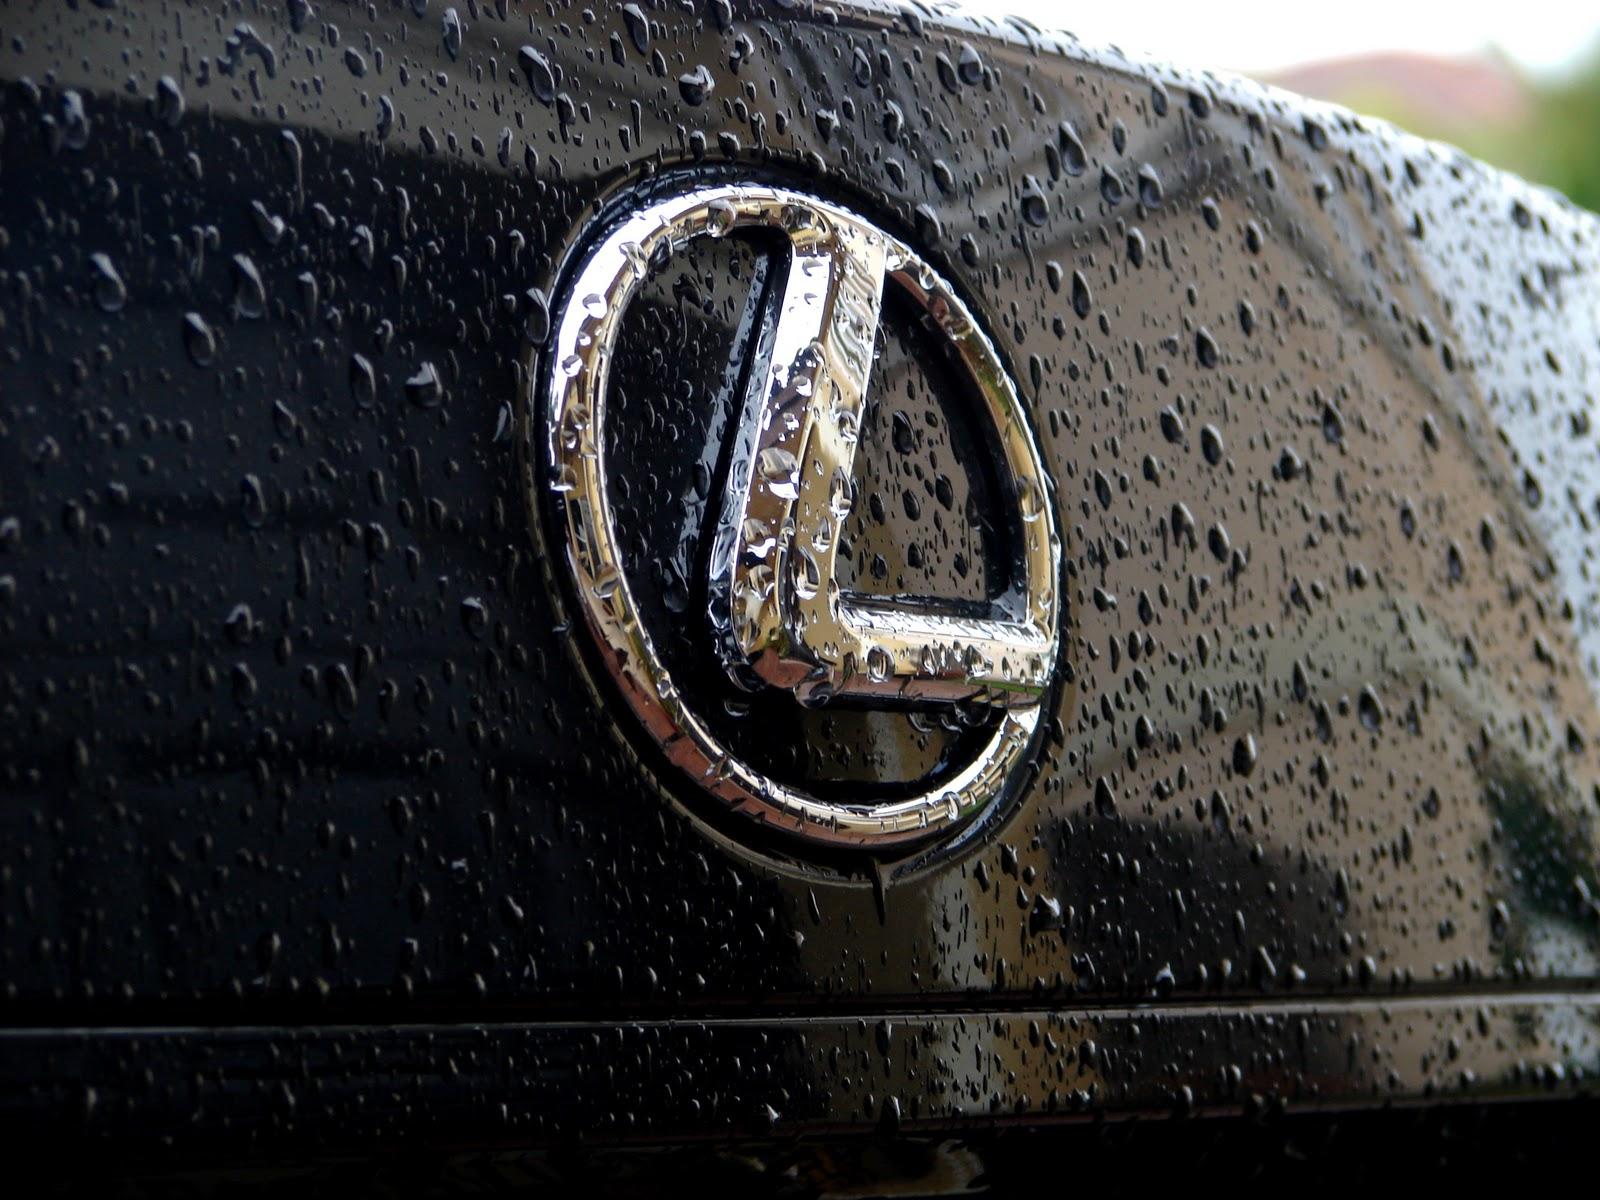 http://1.bp.blogspot.com/-hAijLk2B2Uk/TyLTfqDI6xI/AAAAAAAAAiI/FsdfP-L8wx0/s1600/Lexus_by_Darkreaper17.jpg